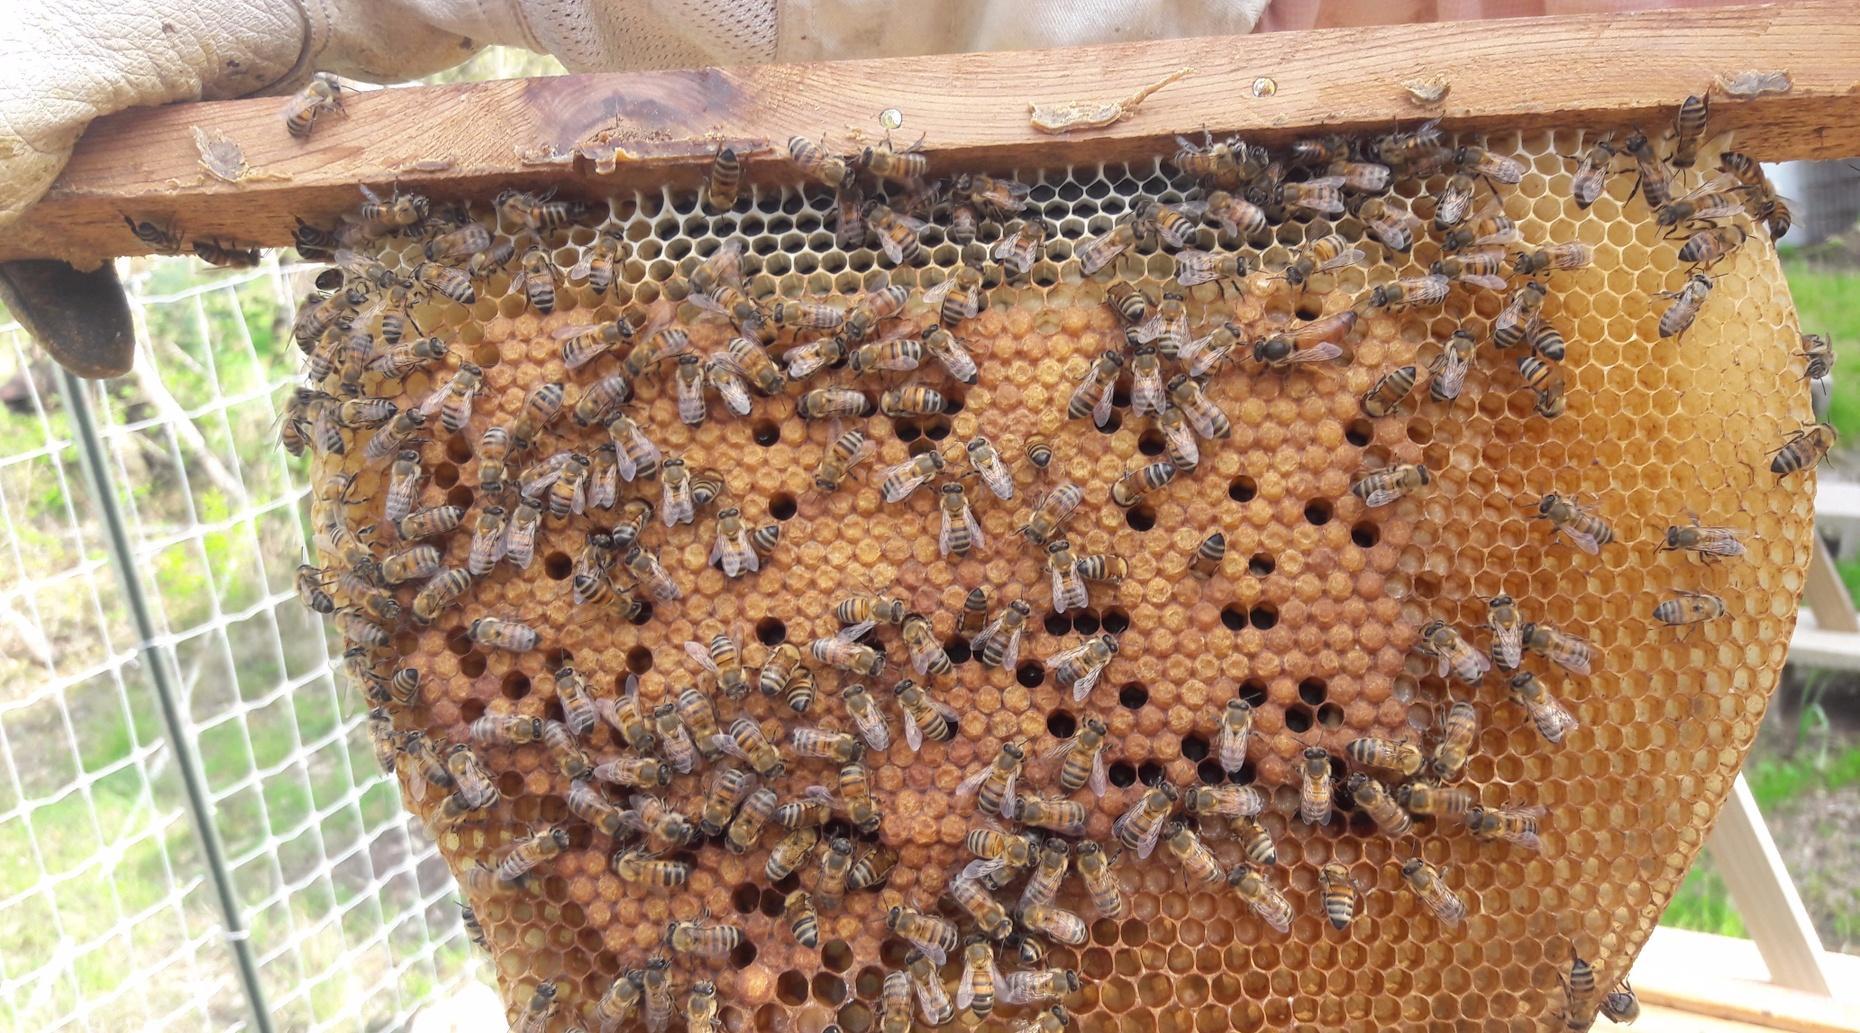 Beekeeping 101 - Getting Started in Beekeeping